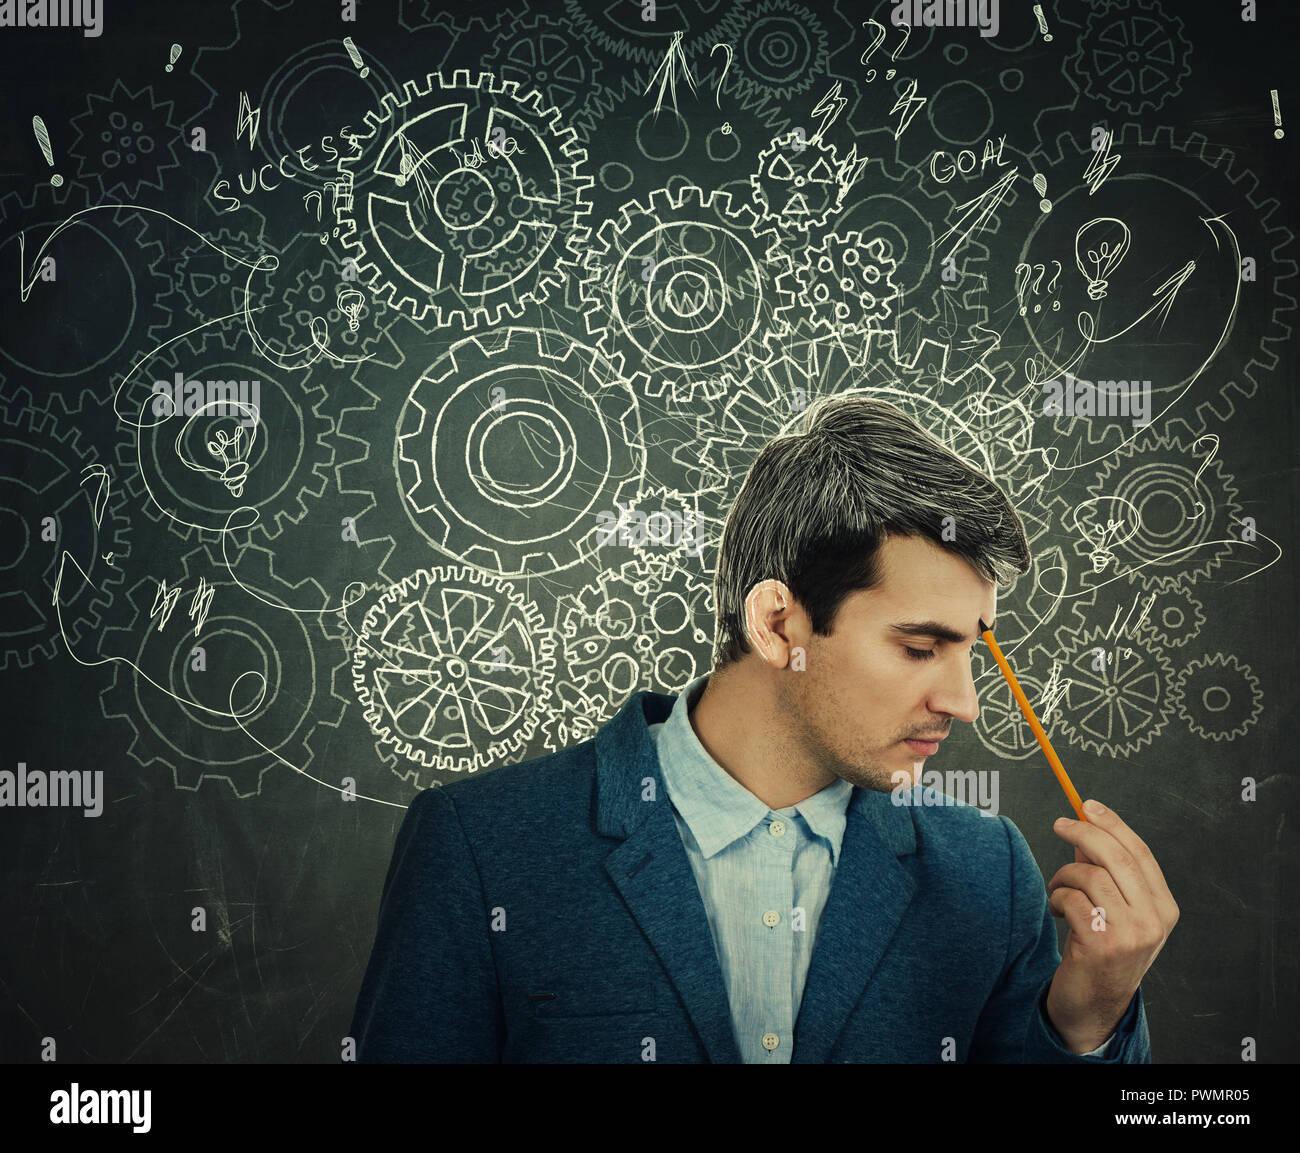 Pensamiento duro seria hombre sobre la pizarra de fondo cerebro engranajes flechas y lío como pensamientos. Concepto de salud mental, su desarrollo psicológico. Imagen De Stock